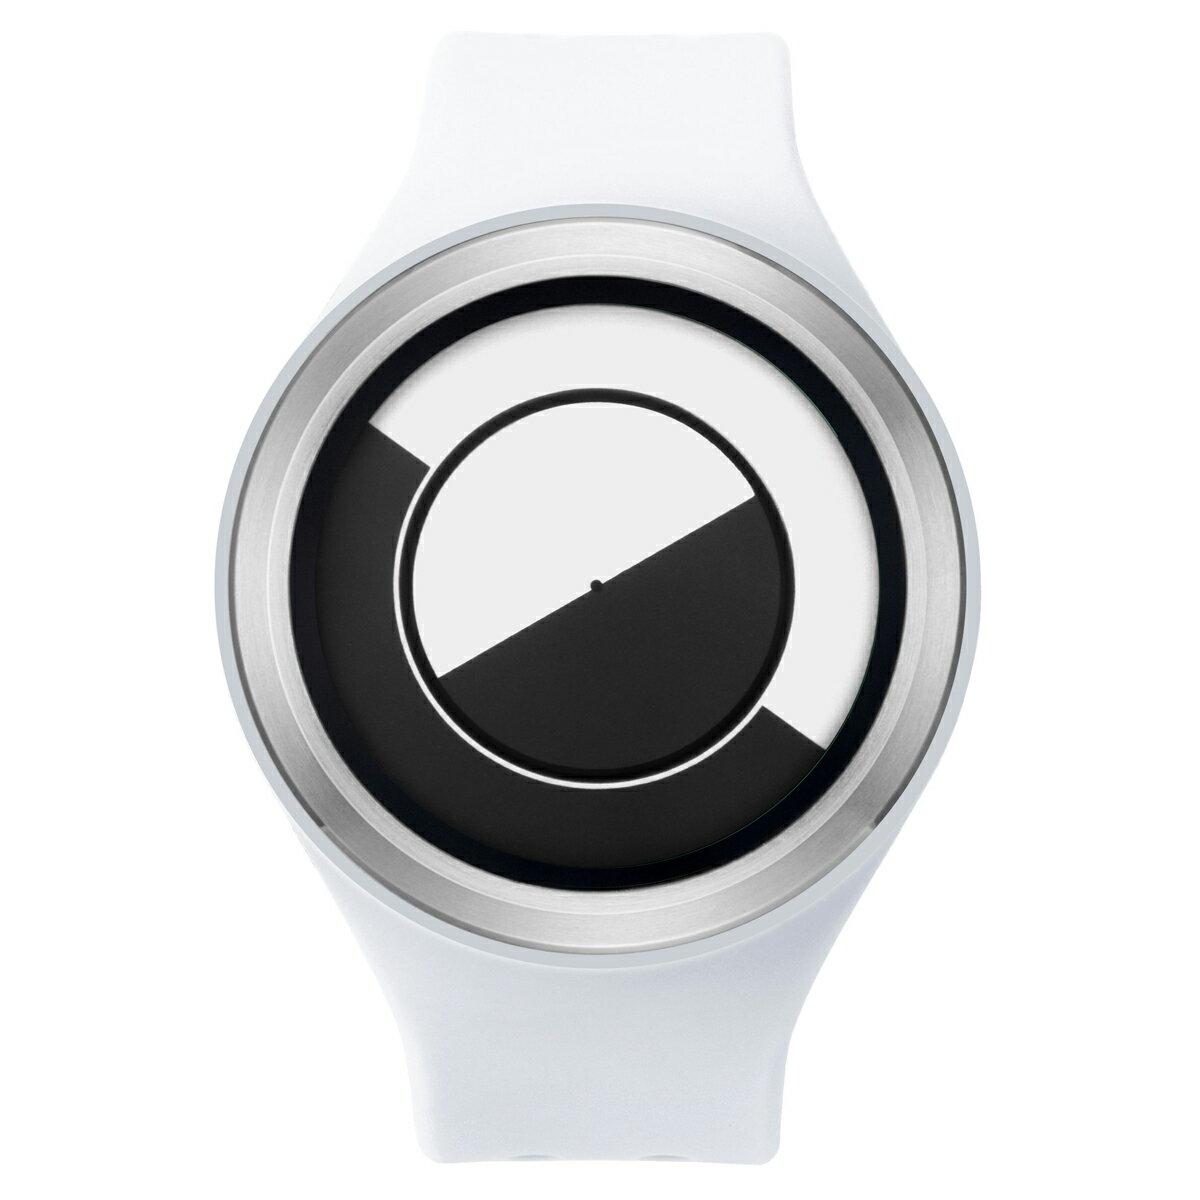 ZEROO QUARTER MOON ゼロ 電池式クォーツ 腕時計 [W01001B01SR01] ホワイト デザインウォッチ ペア用 メンズ レディース ユニセックス おしゃれ時計 デザイナーズ